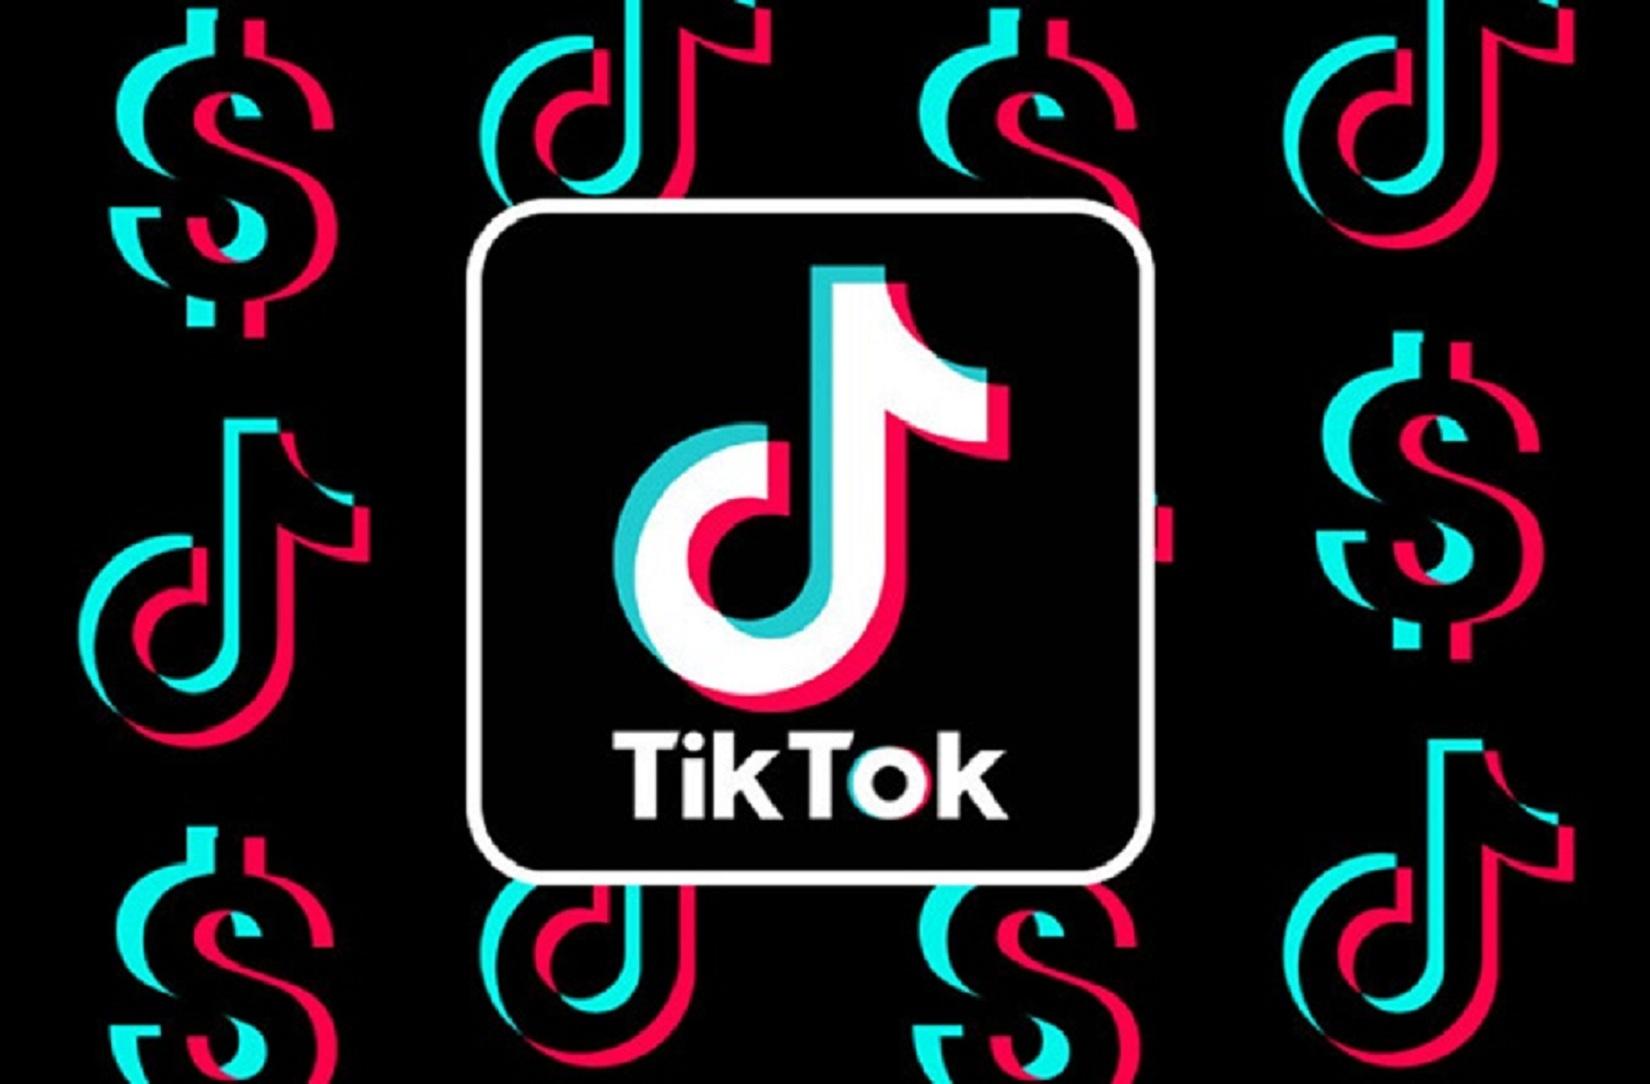 США відклали на 15 днів крайній термін укладання угоди щодо TikTok